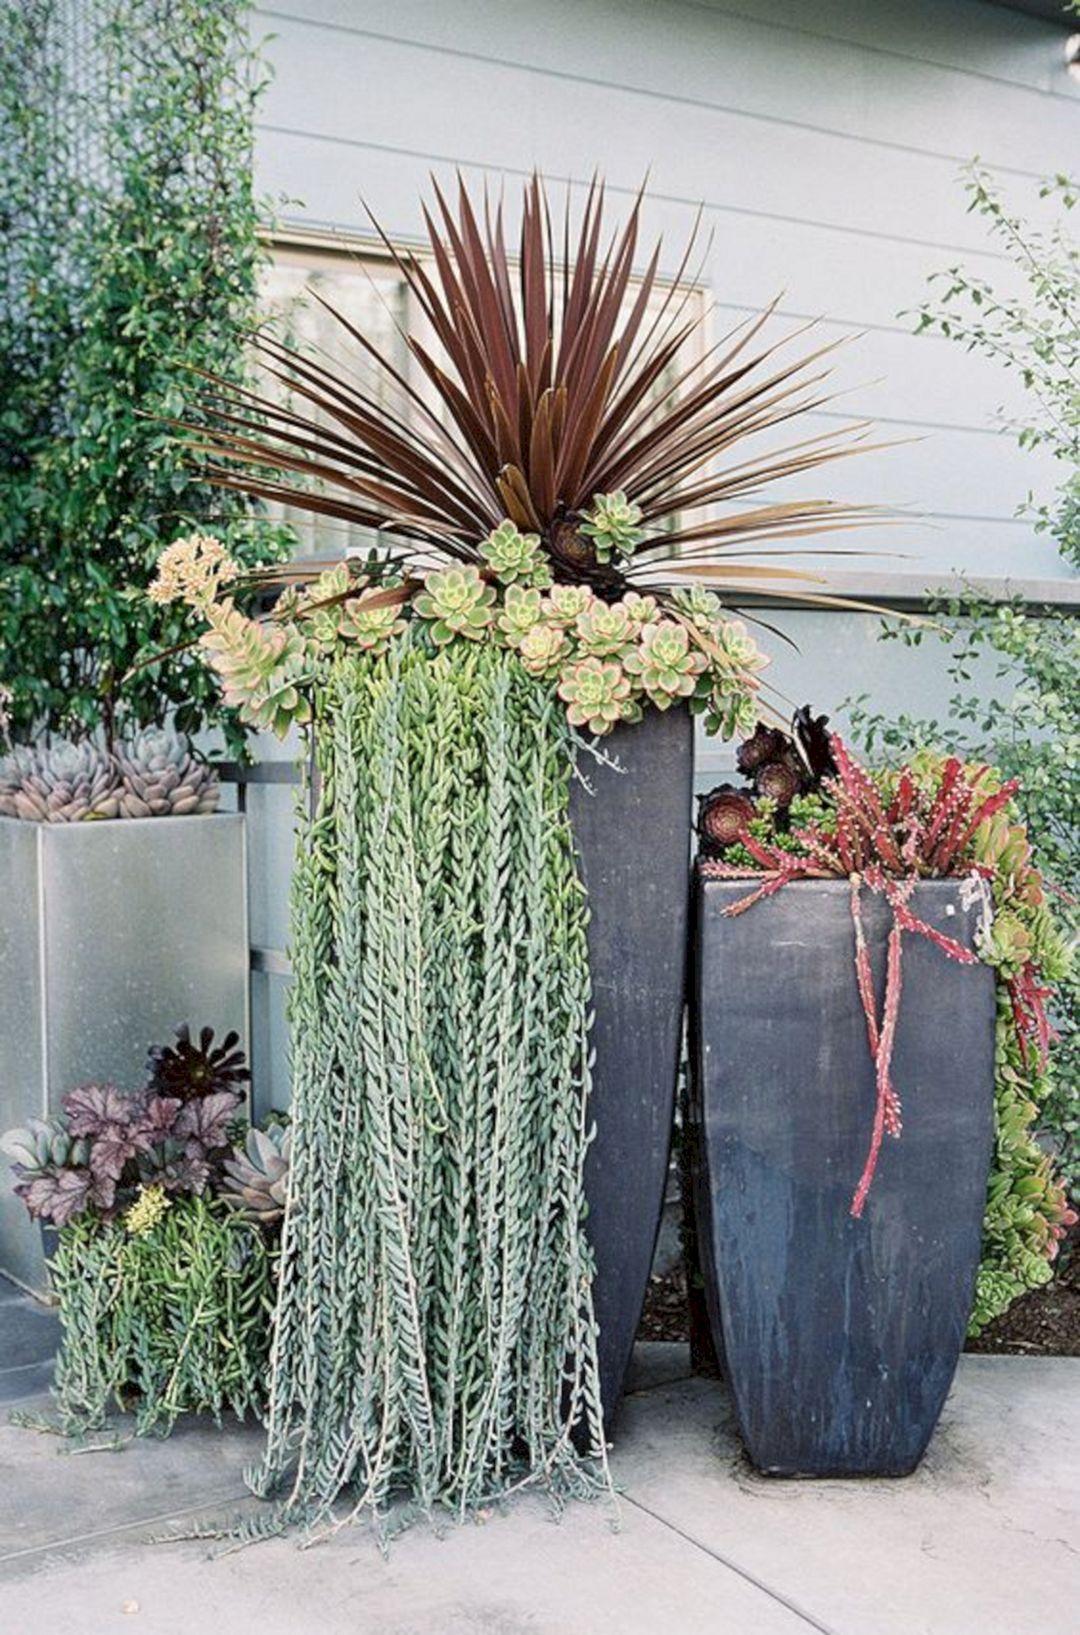 Tall Succulent Planter Ideas Tall Succulent Planter Ideas Design Ideas And Photos Succulent Garden Design Garden Containers Succulent Landscaping